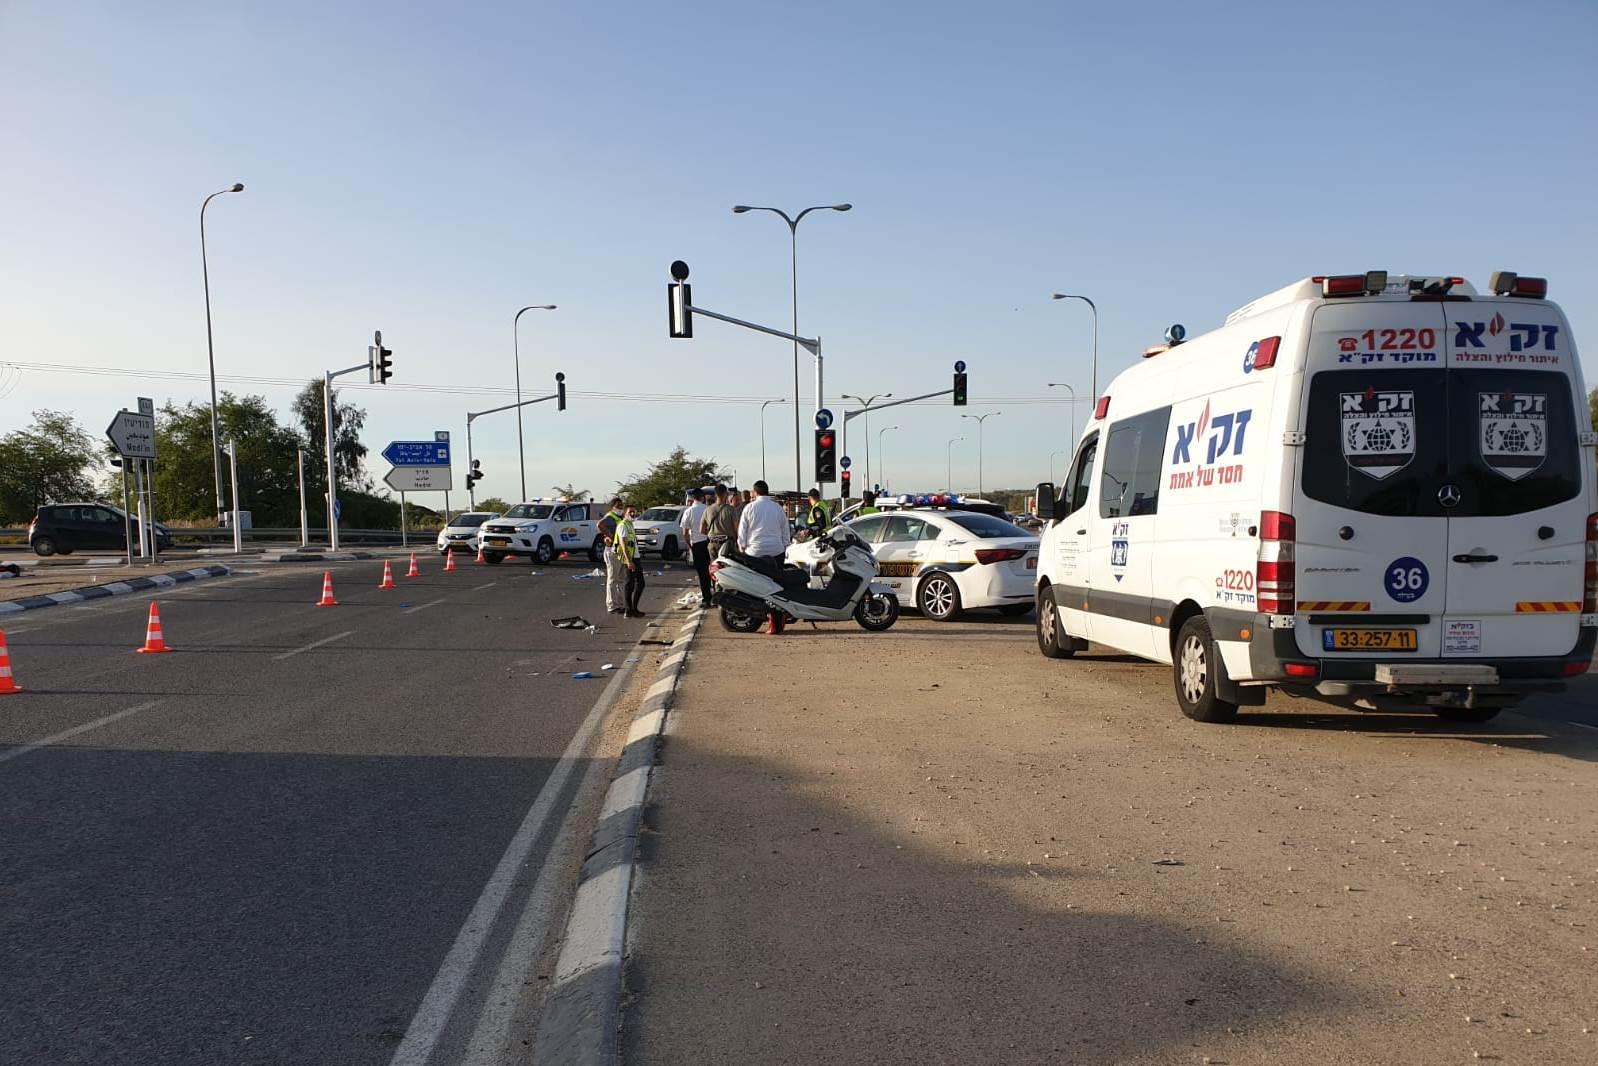 בתמונה: זירת התאונה בצומת חדיד בכביש 444, והקטנוע עליו רכב ההרוג